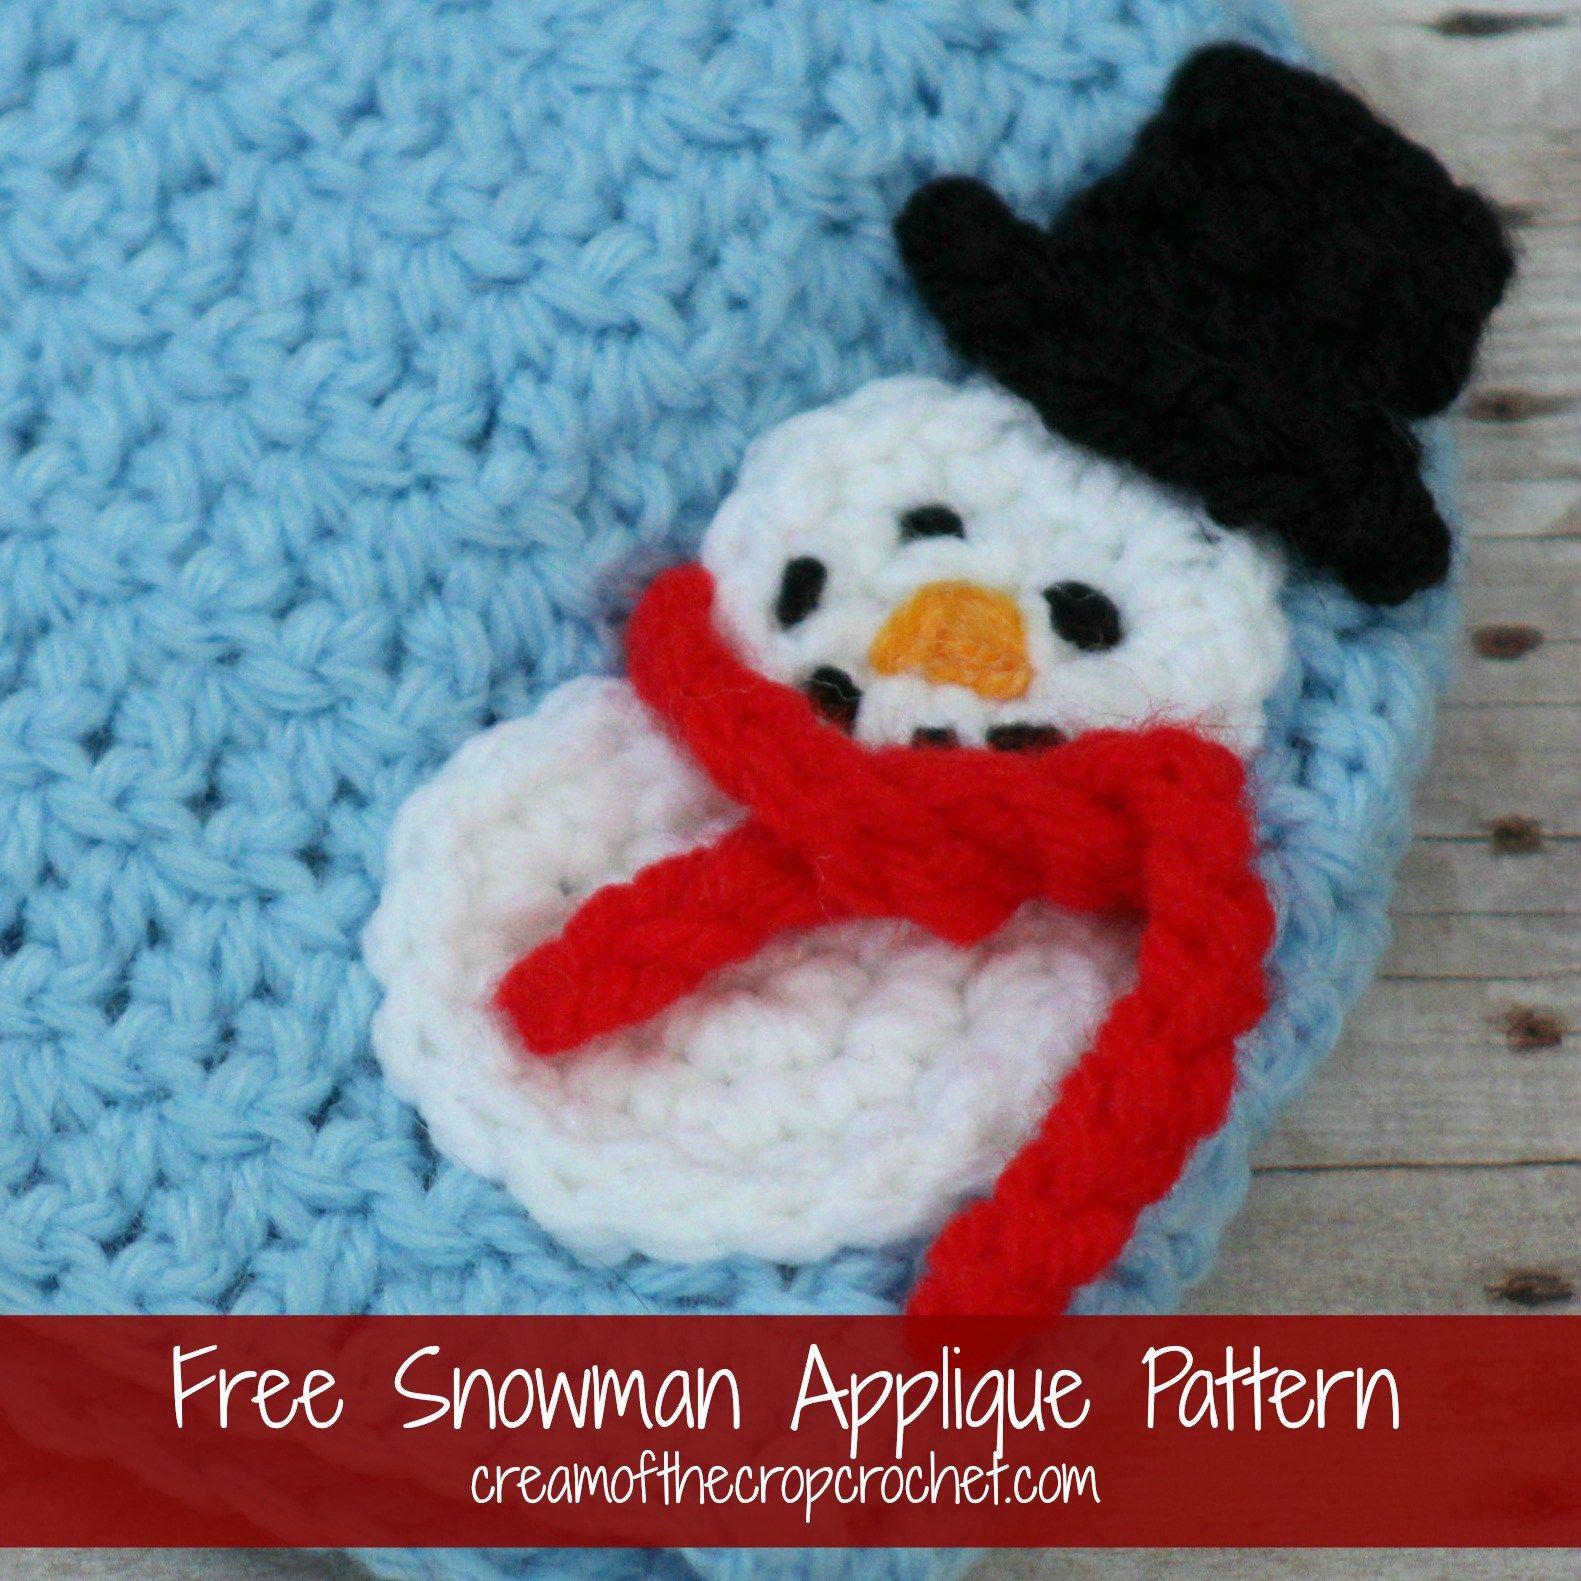 Snowman Applique Free Crochet Pattern Applique Pattern Applique Hats Crochet Snowman